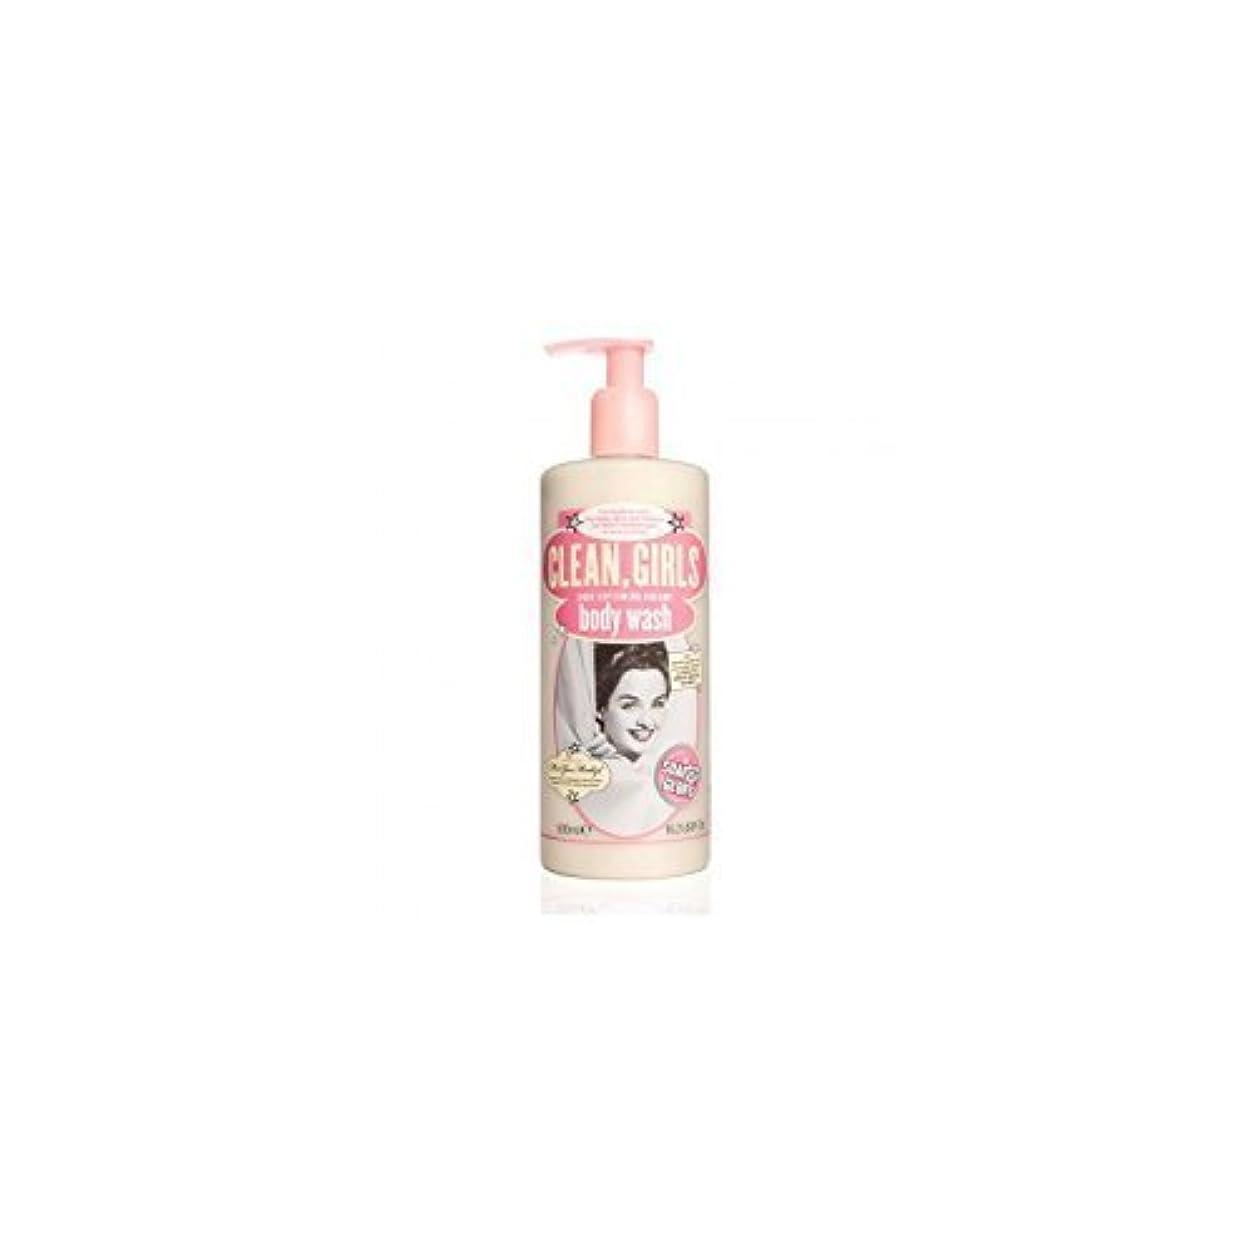 個人的な残忍なオフセットSoap & Glory Clean Girls Body Wash 500ml by Trifing